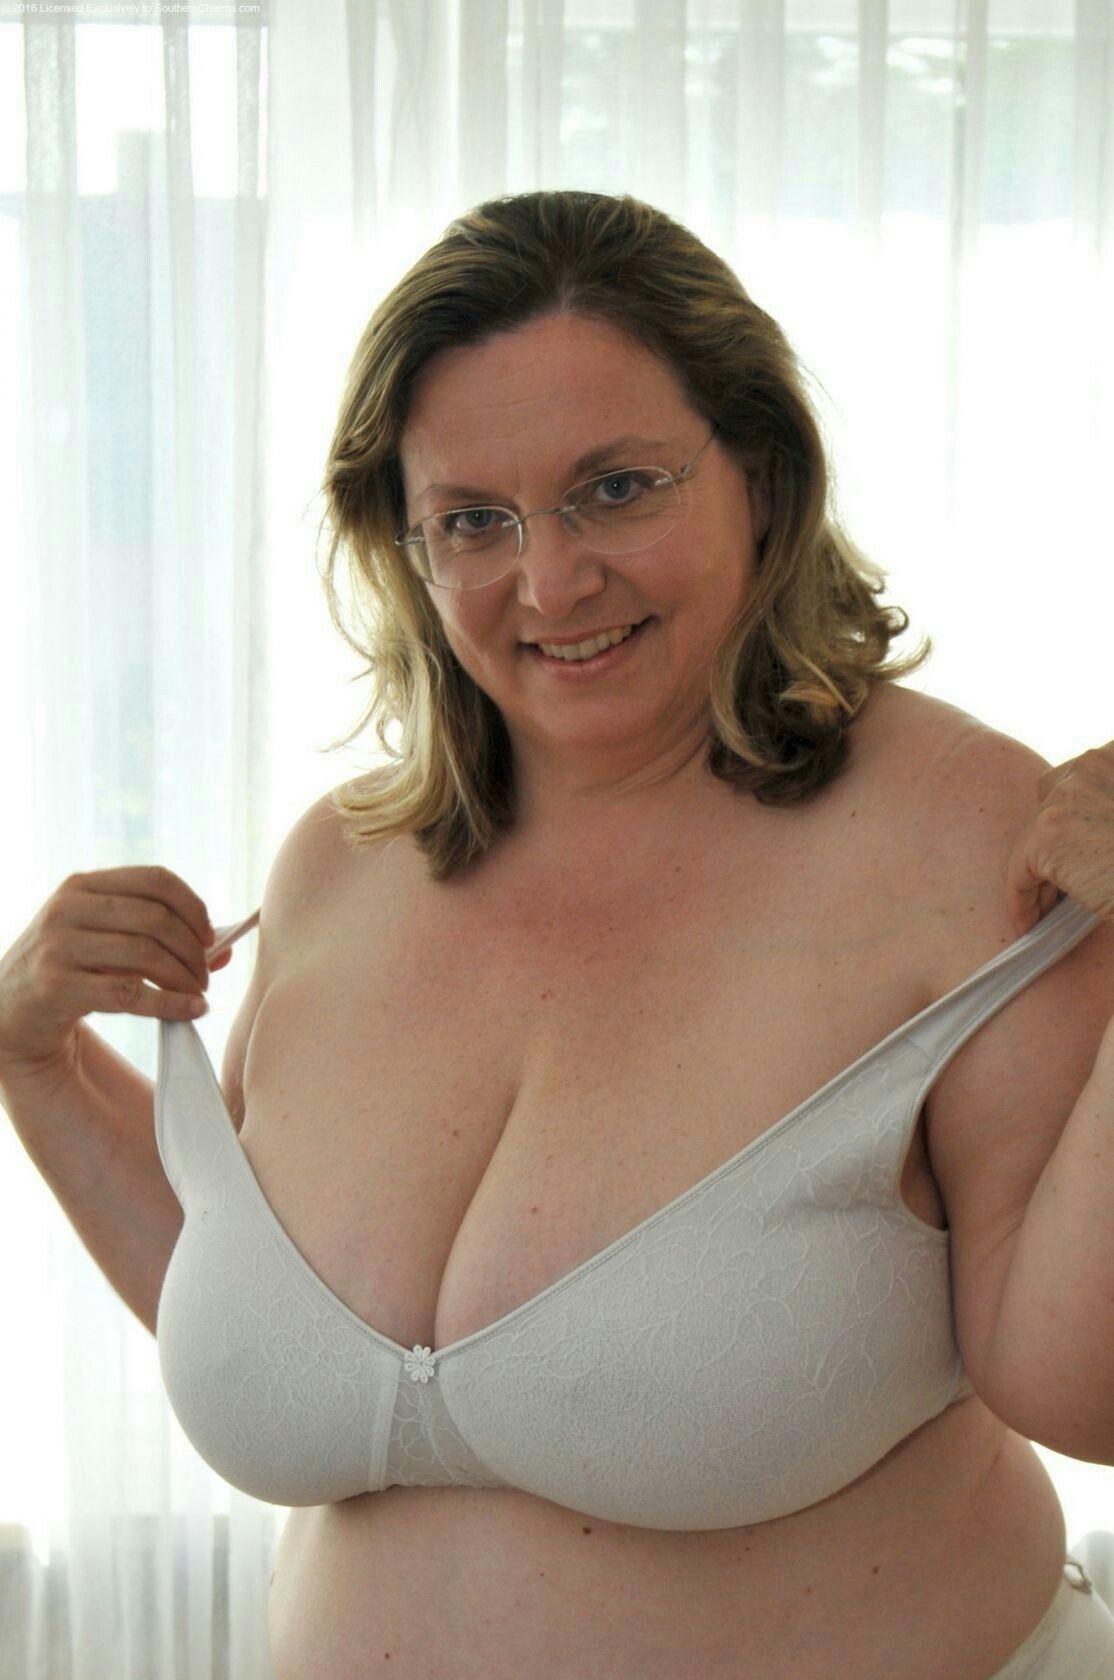 Blovjob nackte titten lingerie plus size